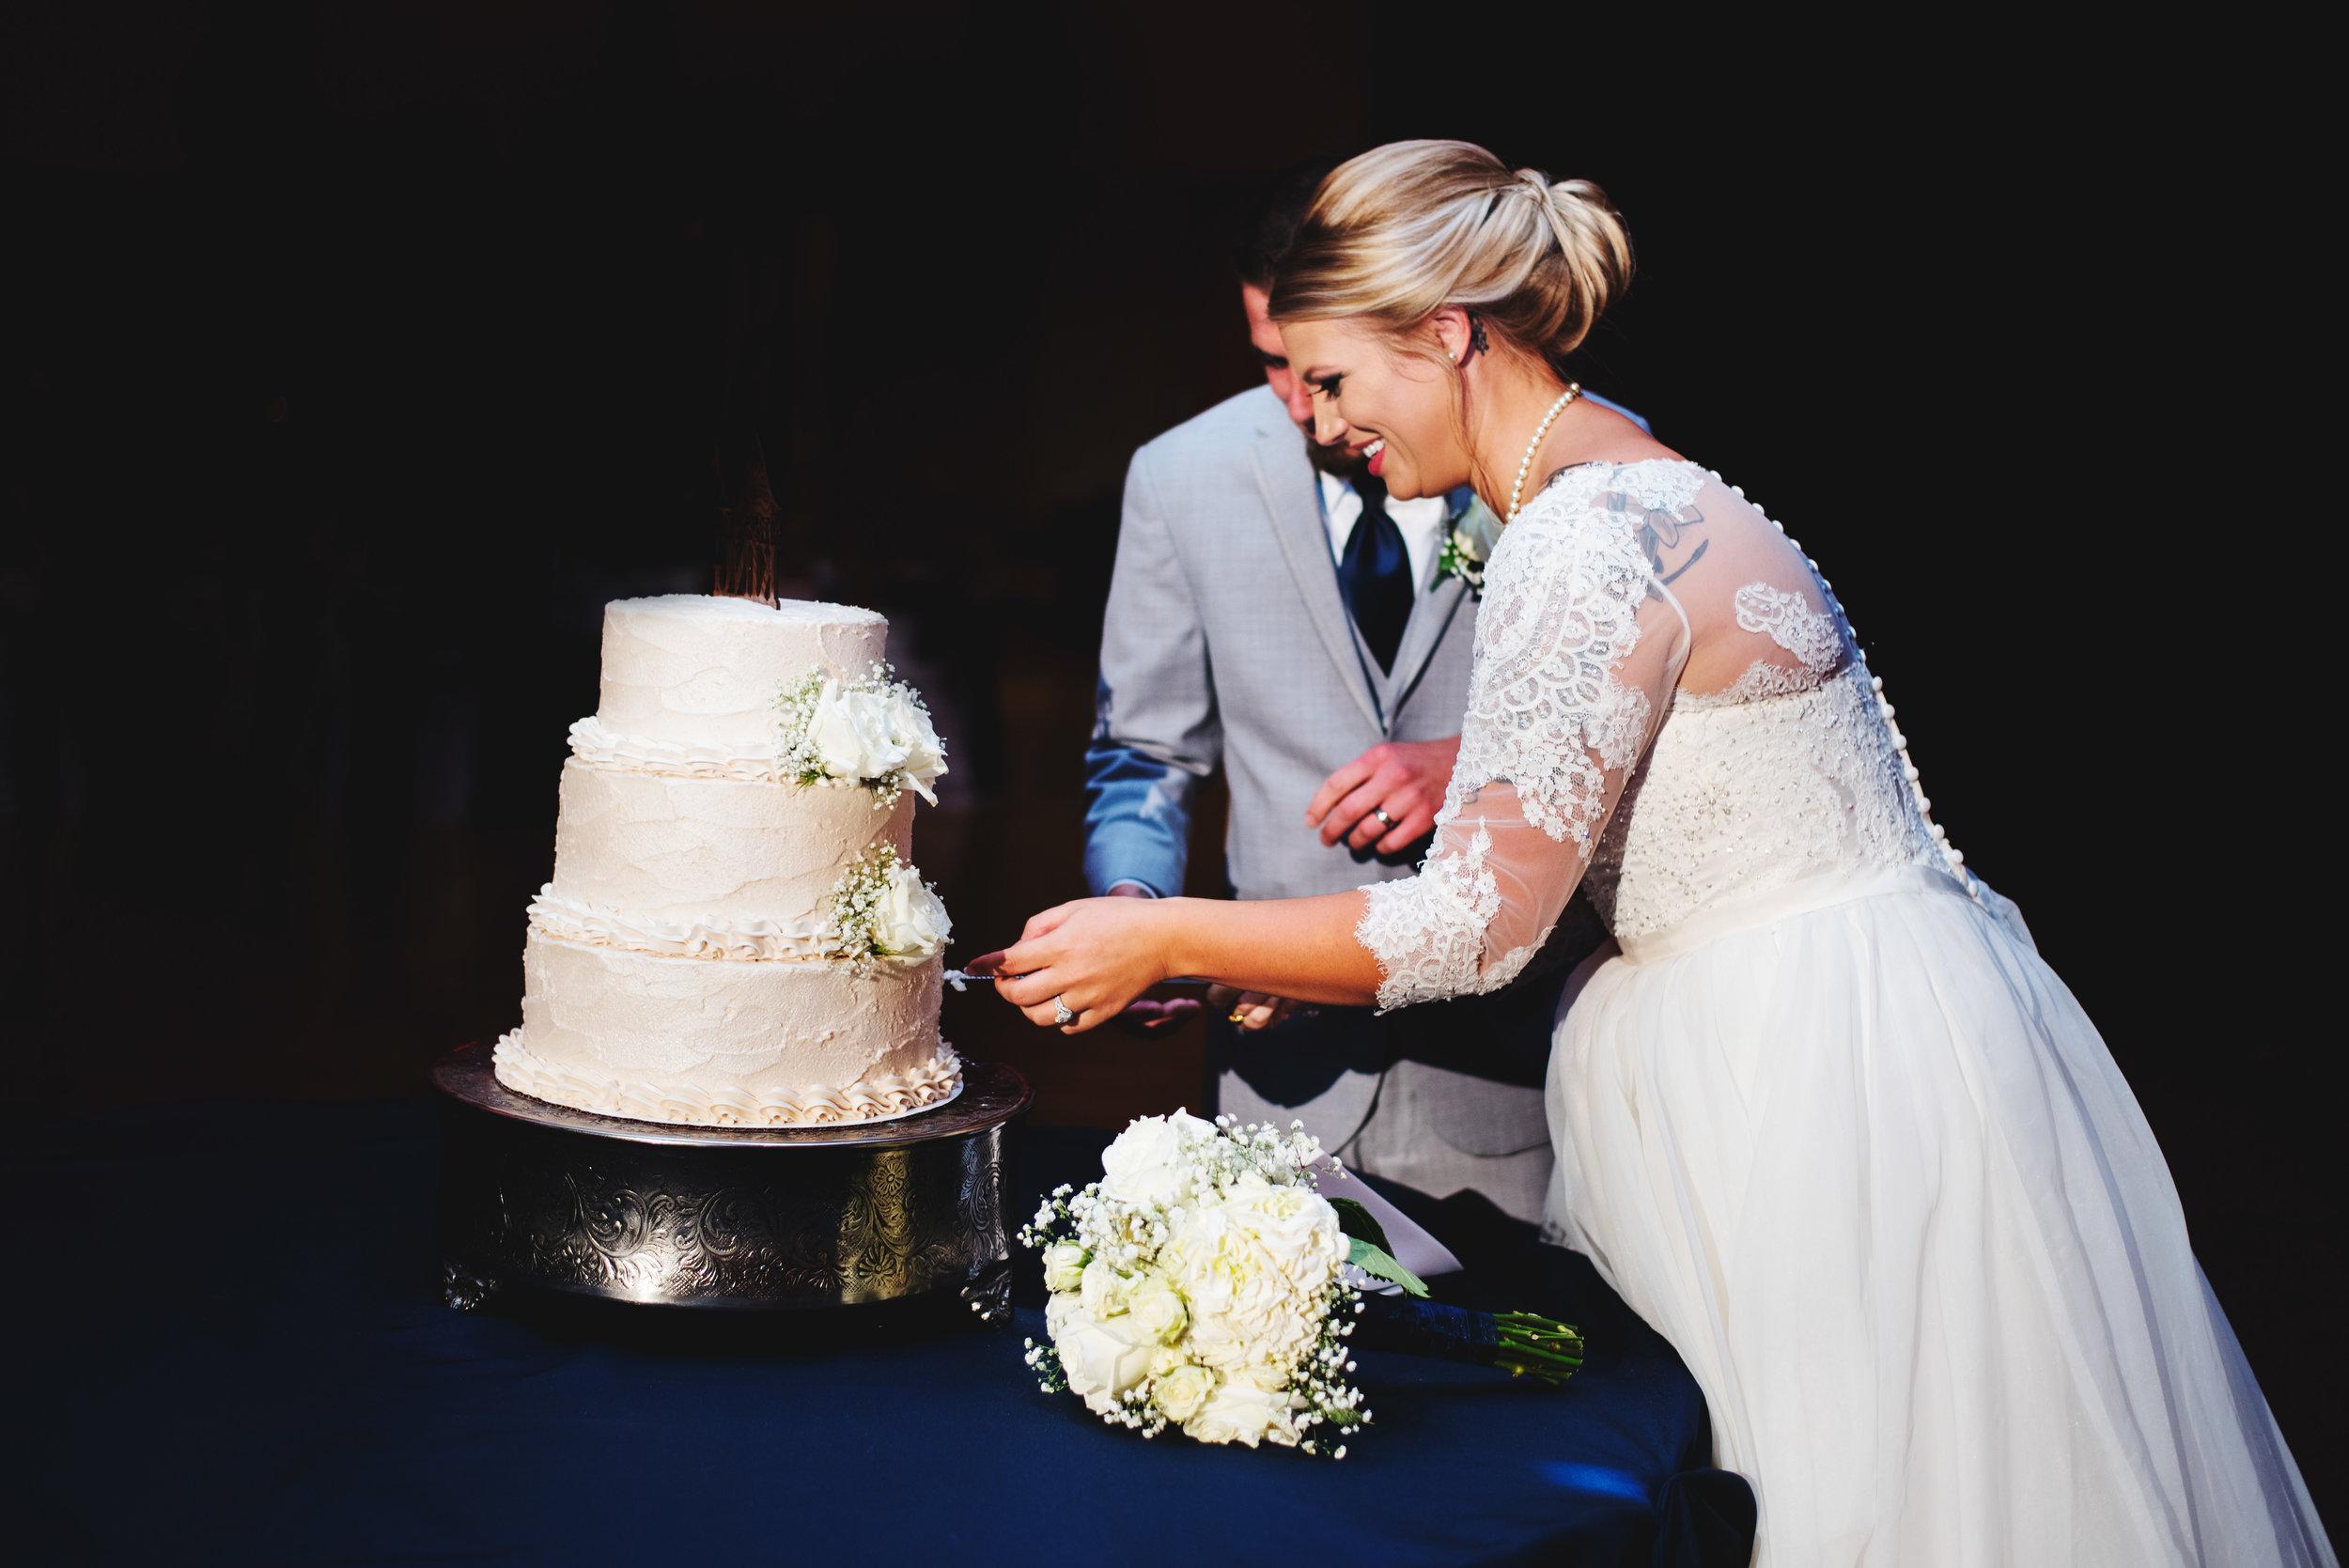 King-Northern-Illinois-University-Wedding102.jpg